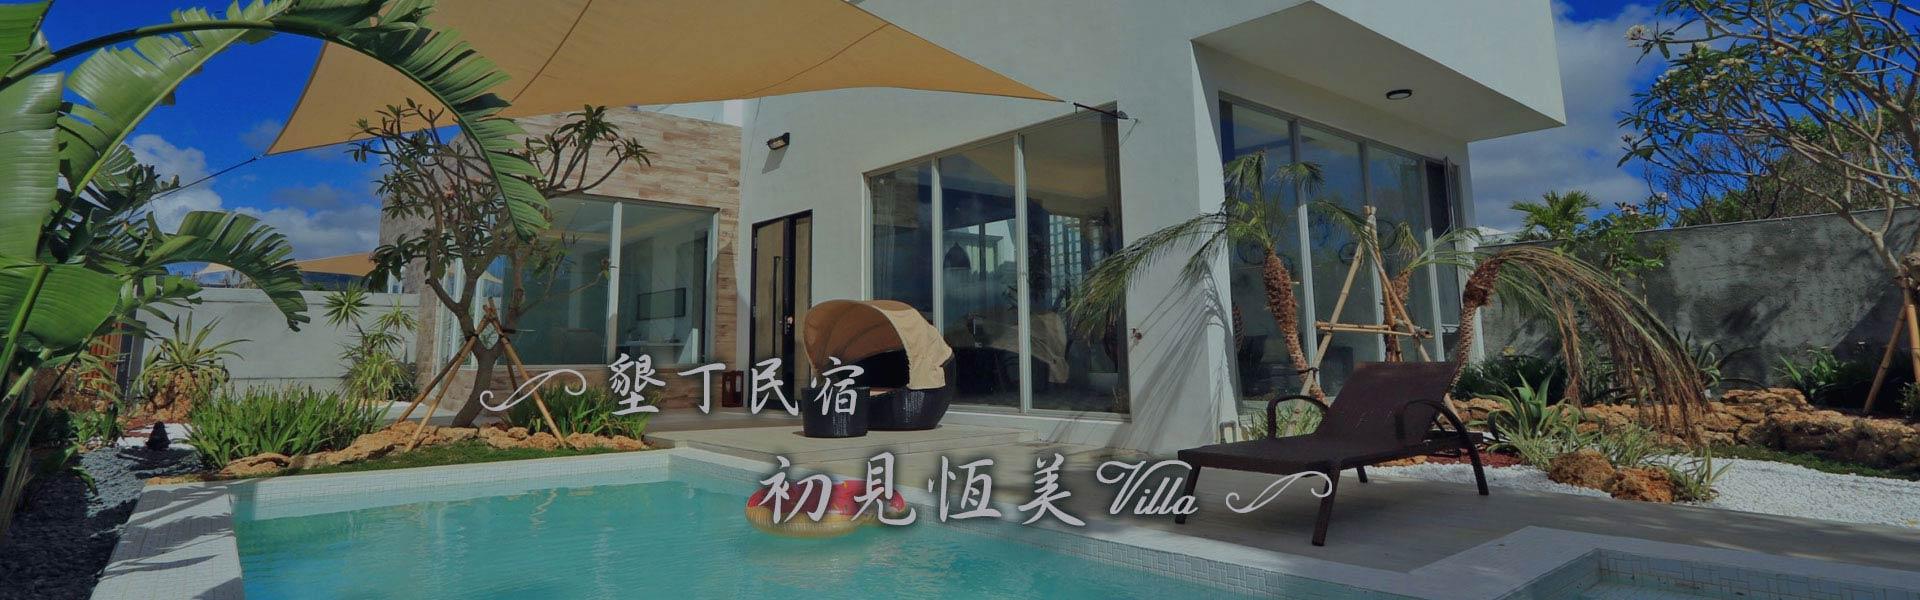 【墾丁民宿。初見恆美】坐享千坪庭園與獨立泳池,南台灣度假首選